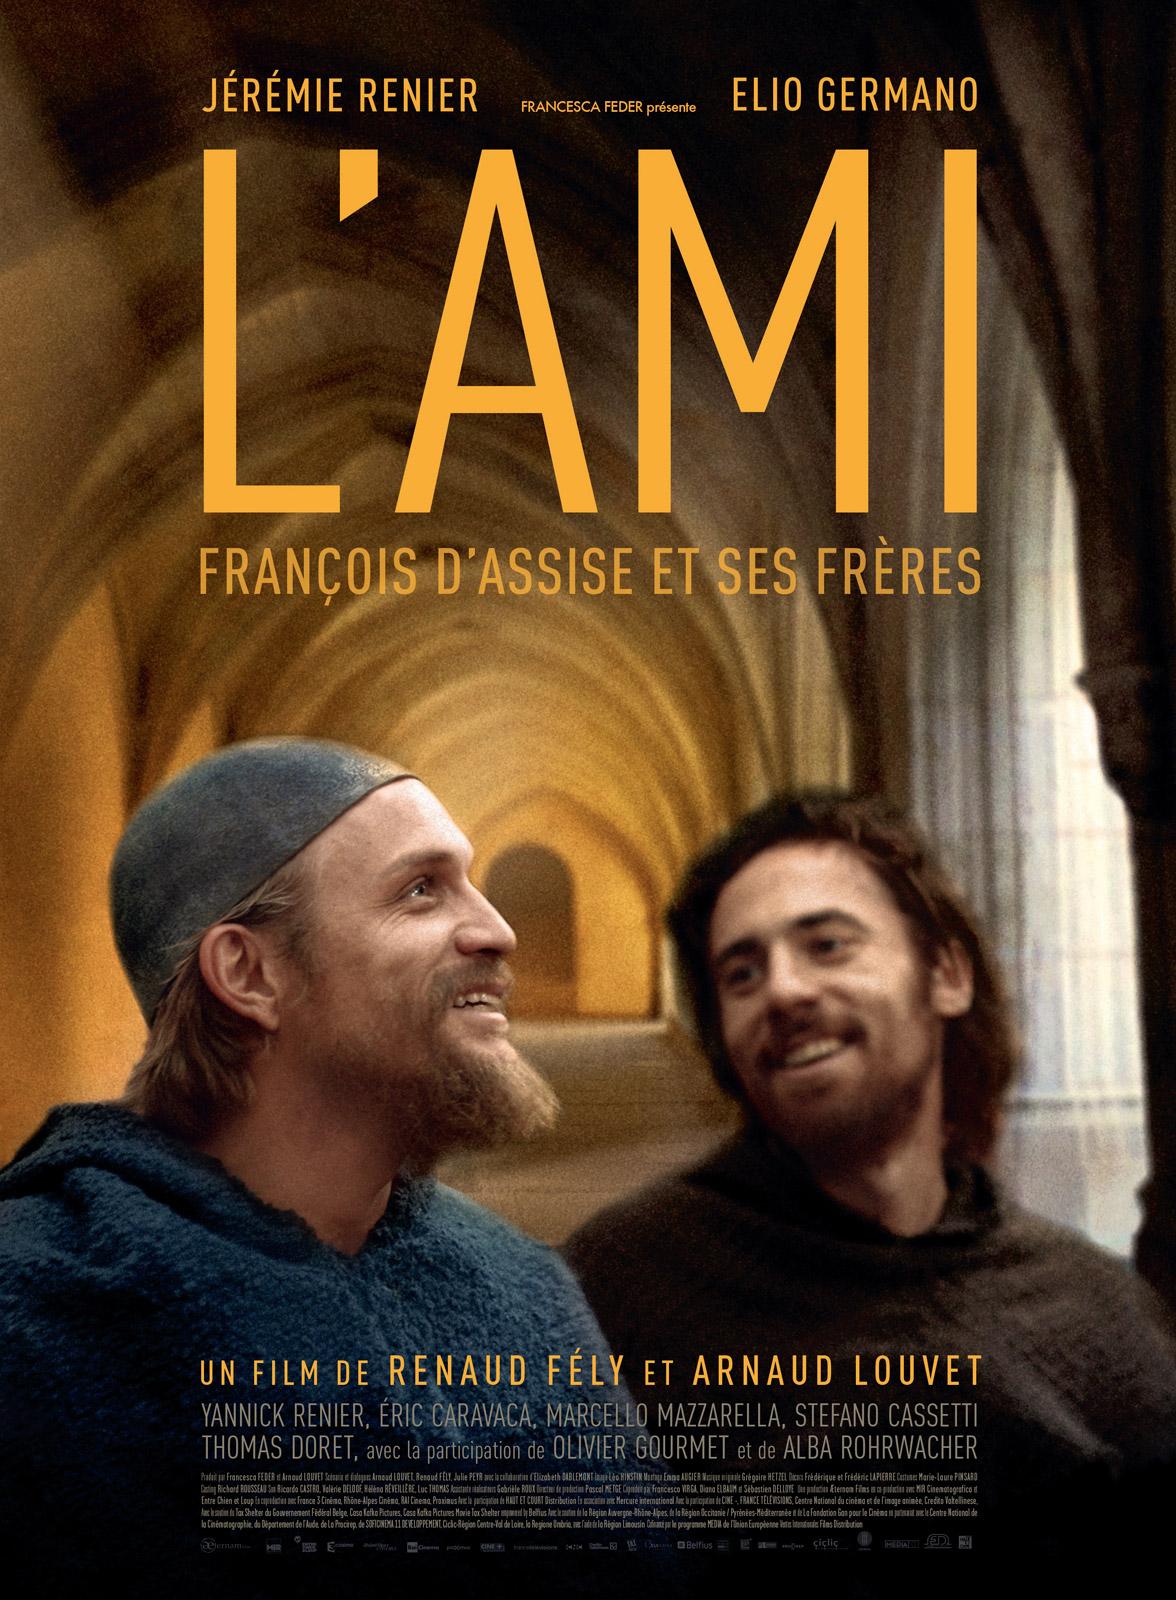 L'Ami, François d'Assise et ses frères Streaming Complet VF